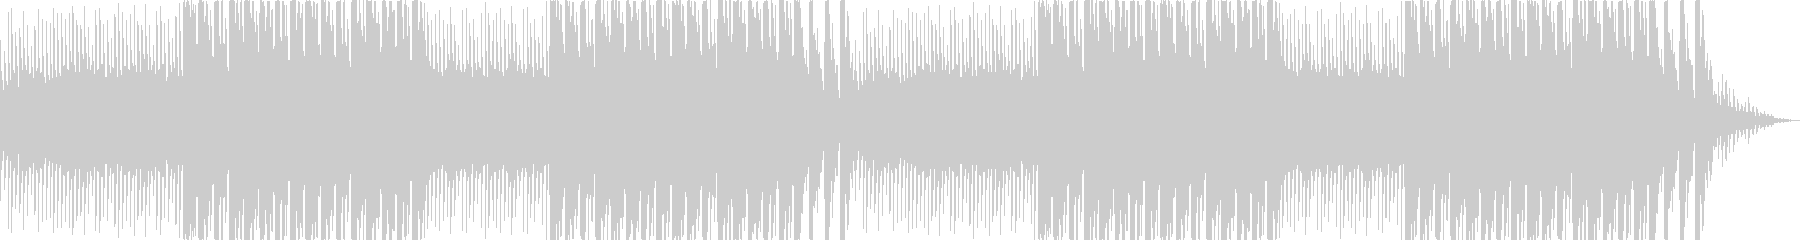 オーケストラ楽器ファンタジー風の遊...の未再生の波形